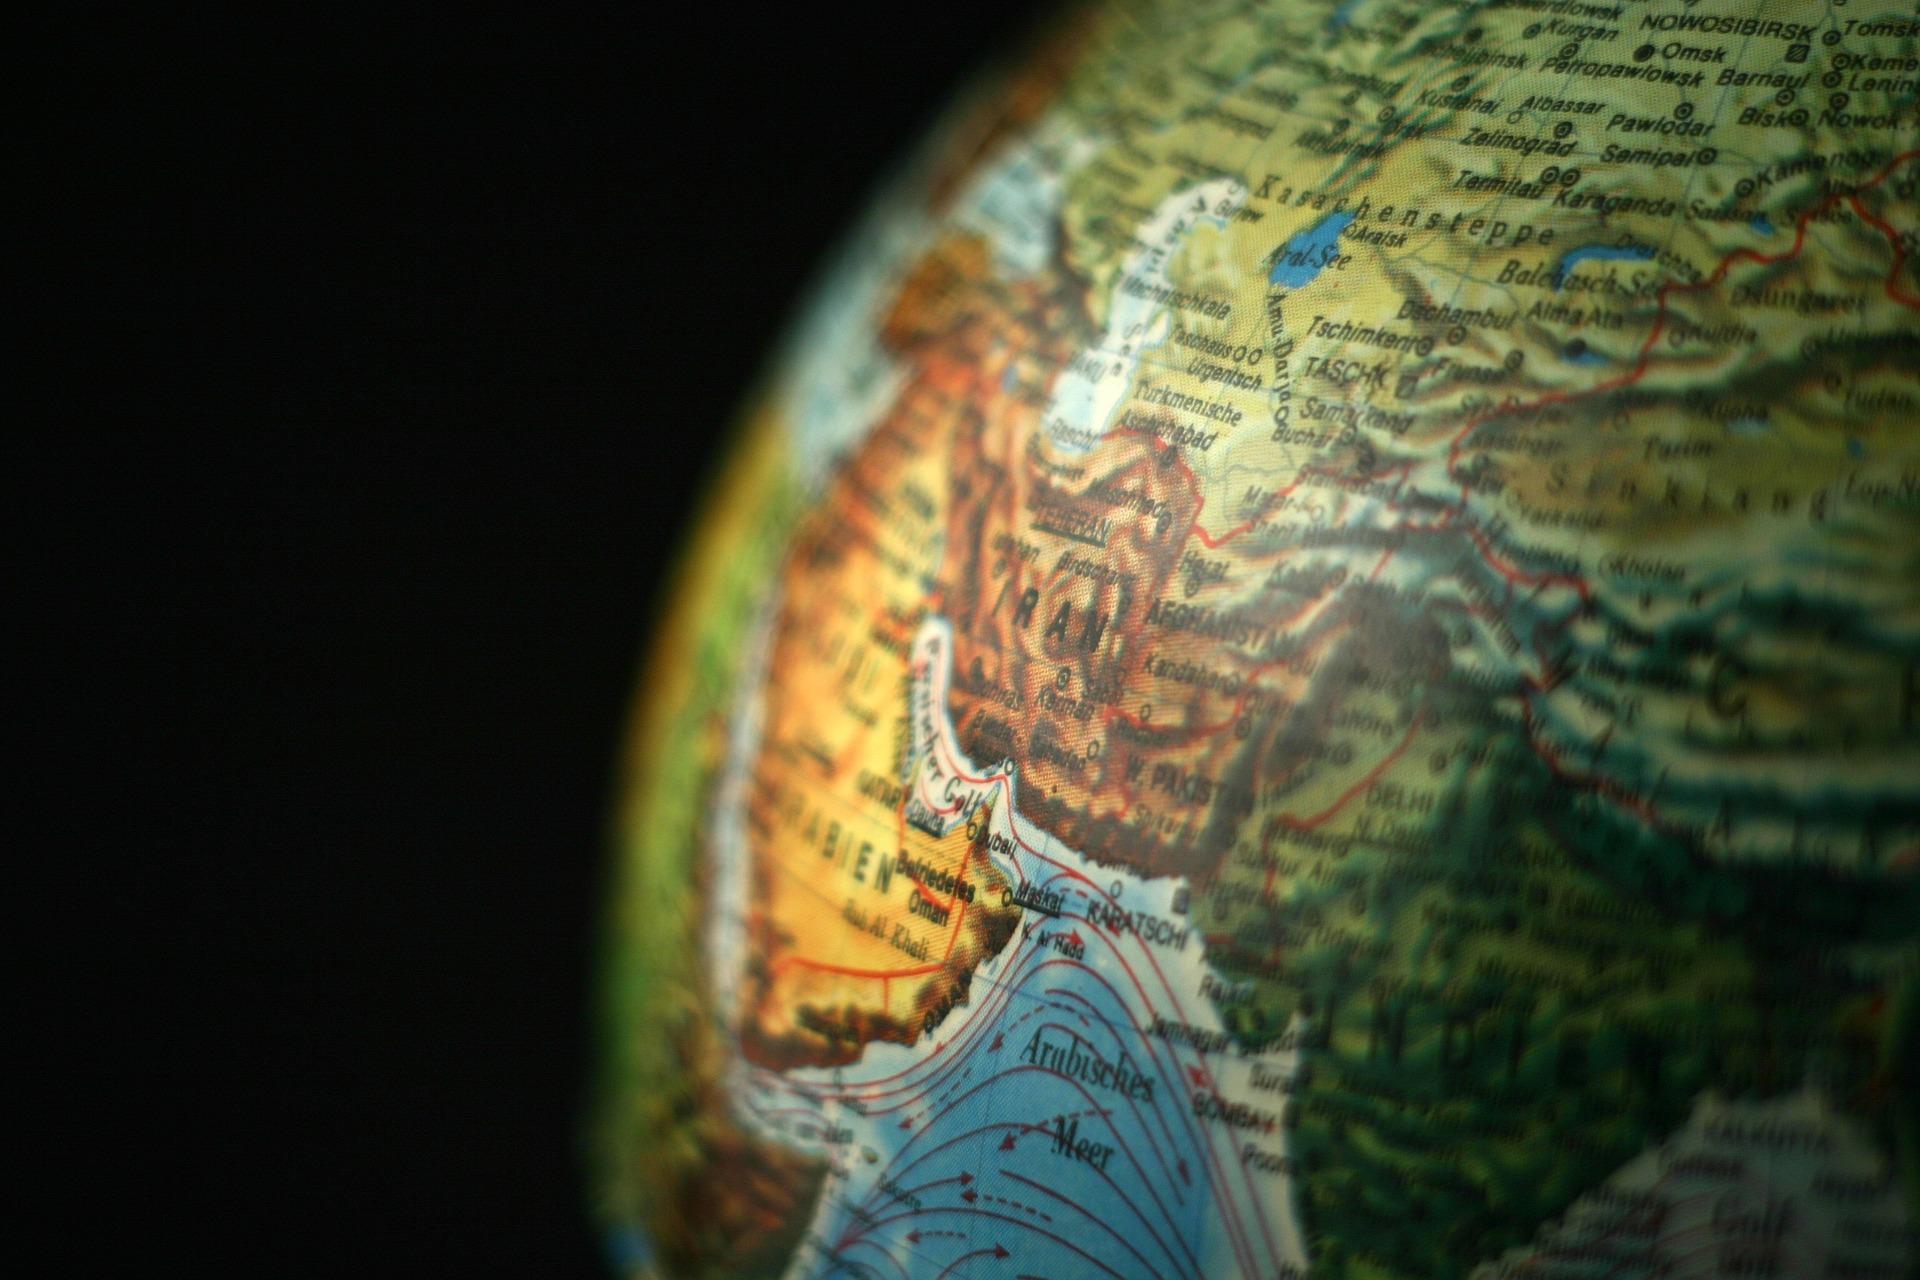 Waarom weten Nederlanders zo weinig van Iran? Een interview met Shervin Nekuee